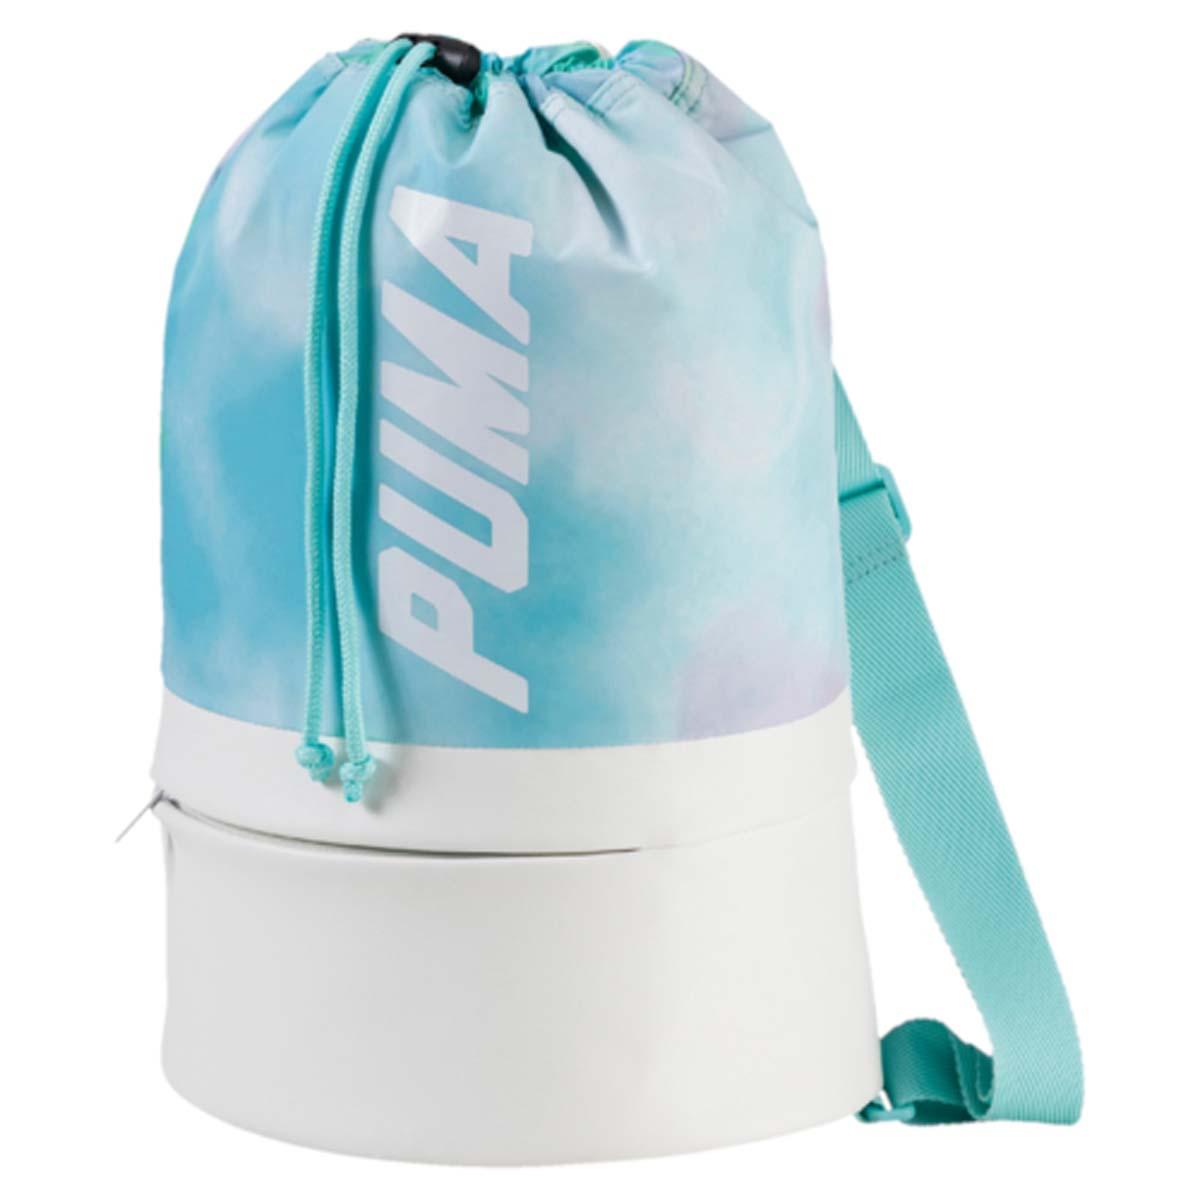 Рюкзак женский Puma Prime Bucket Bag P, цвет: белый, бирюзовый. 0745560207455602Рюкзак Puma выполнен из текстиля. Модель с одним отделением, застегивается при помощи затягивающегося шнурка. Рюкзак оснащен регулируемыми по длине тонкими плечевыми лямками.